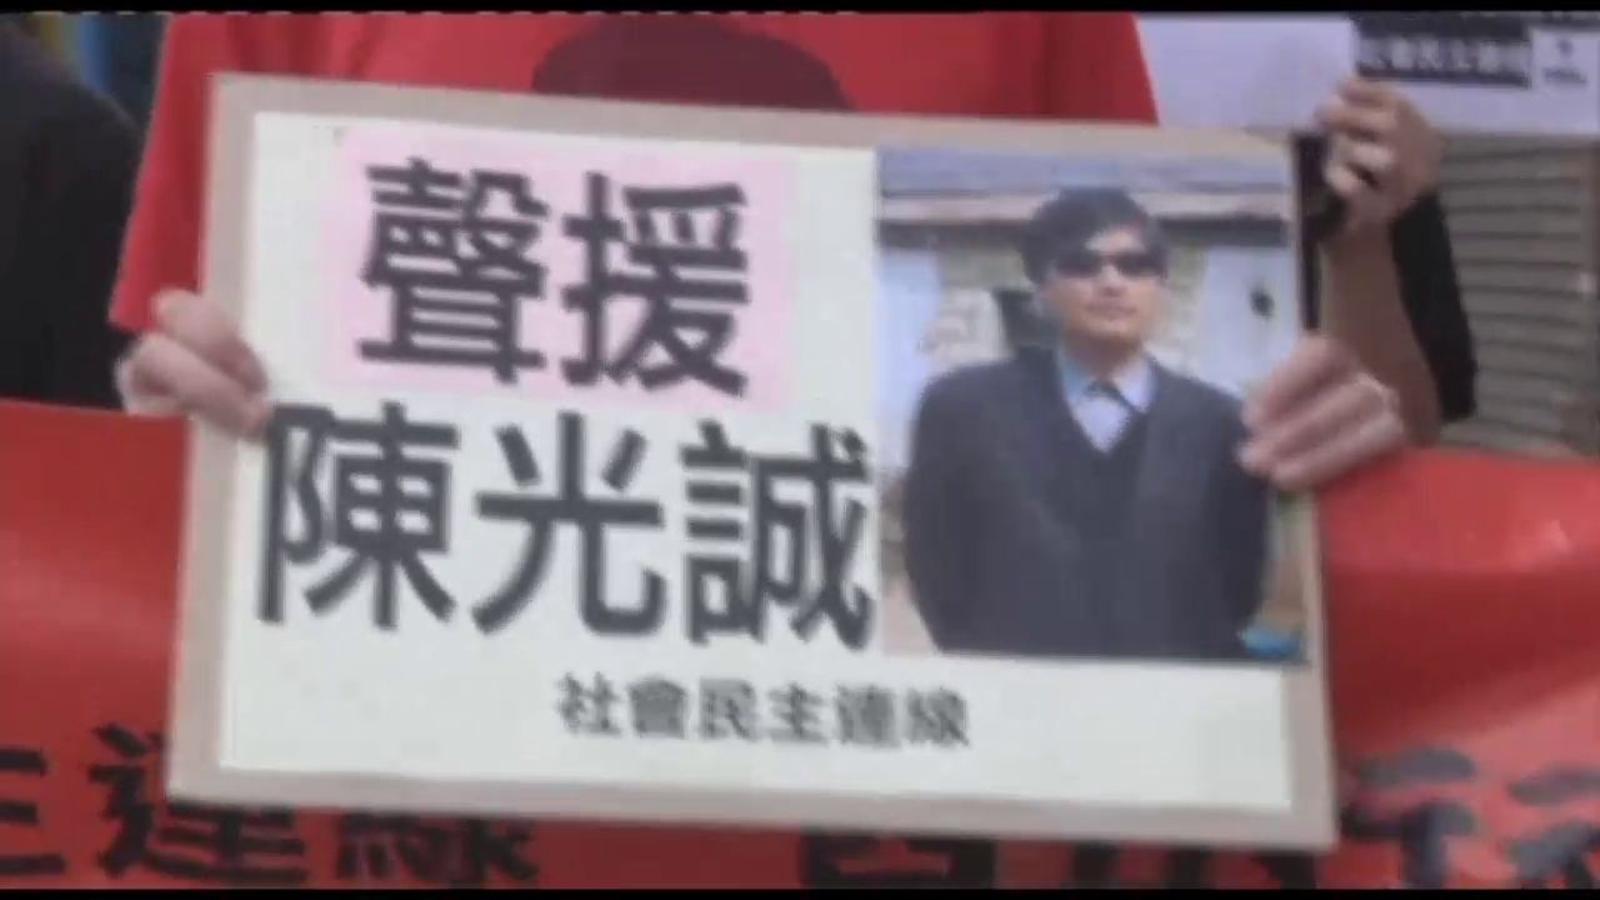 Els EUA protegeixen un defensor dels drets humans xinès